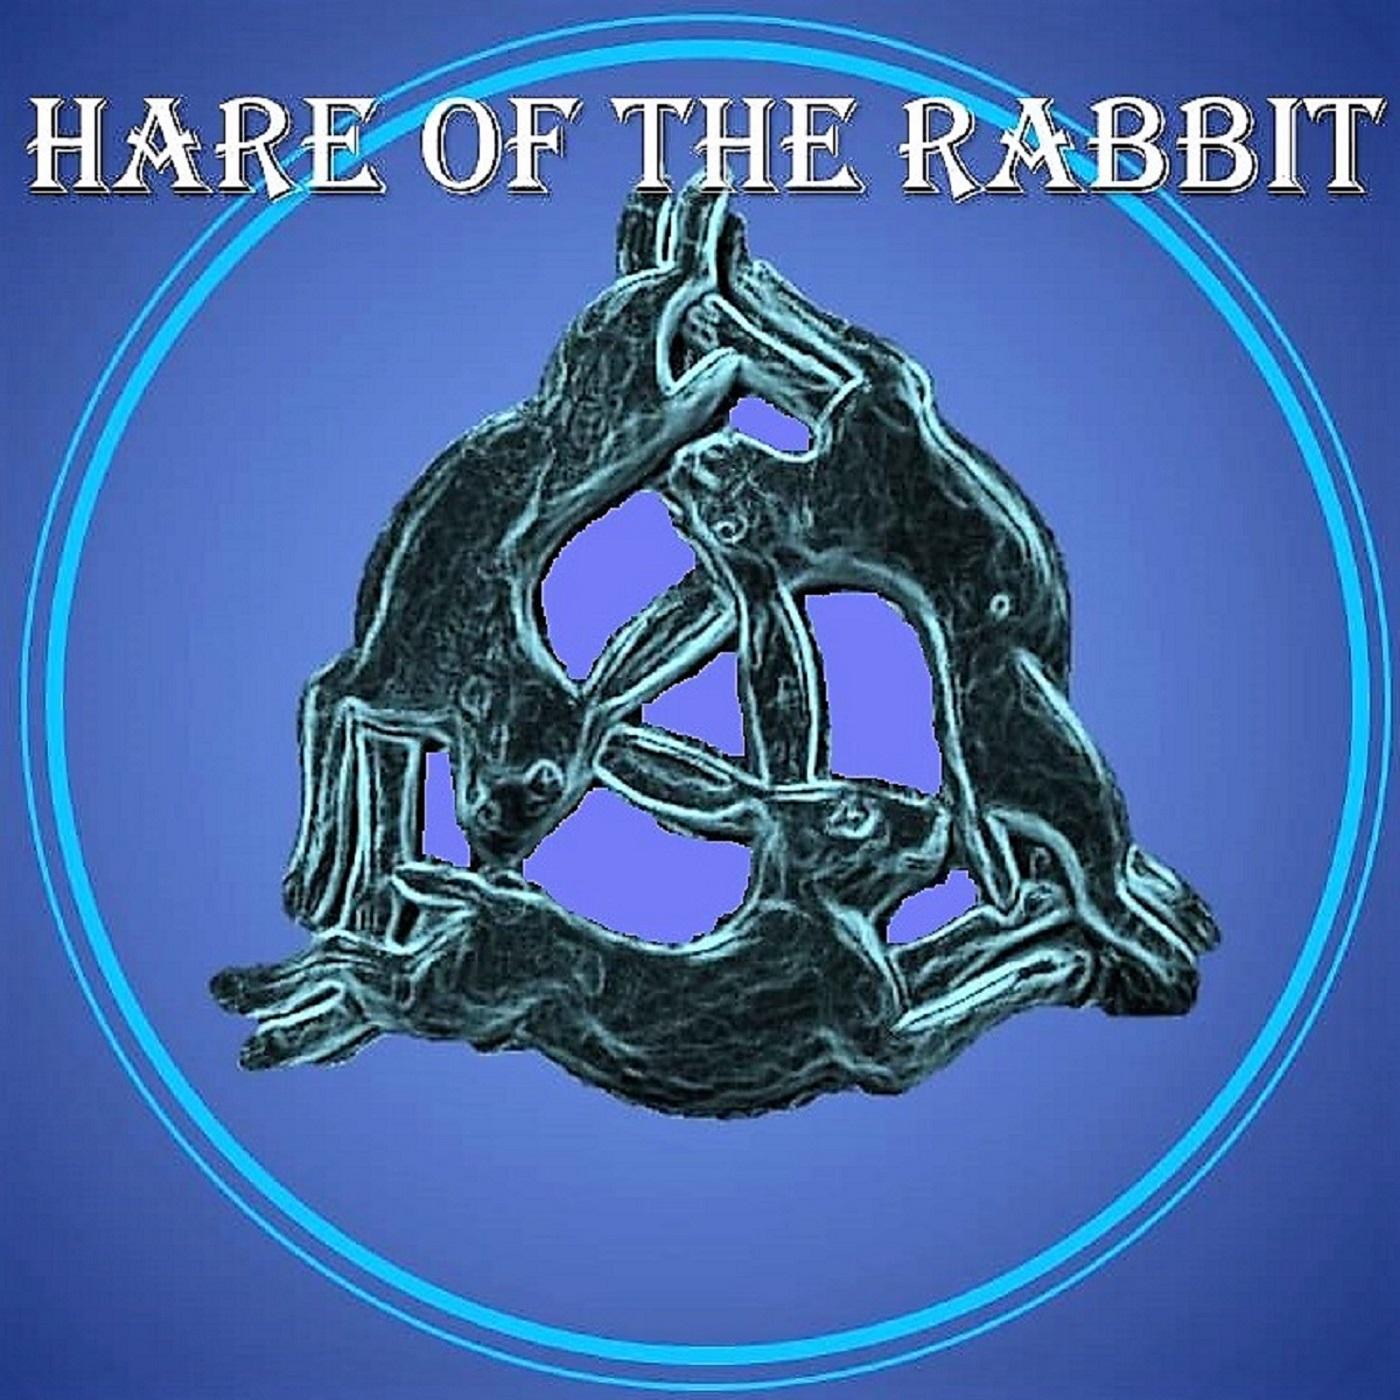 f2184848e3a5e8 Hare of the rabbit podcast